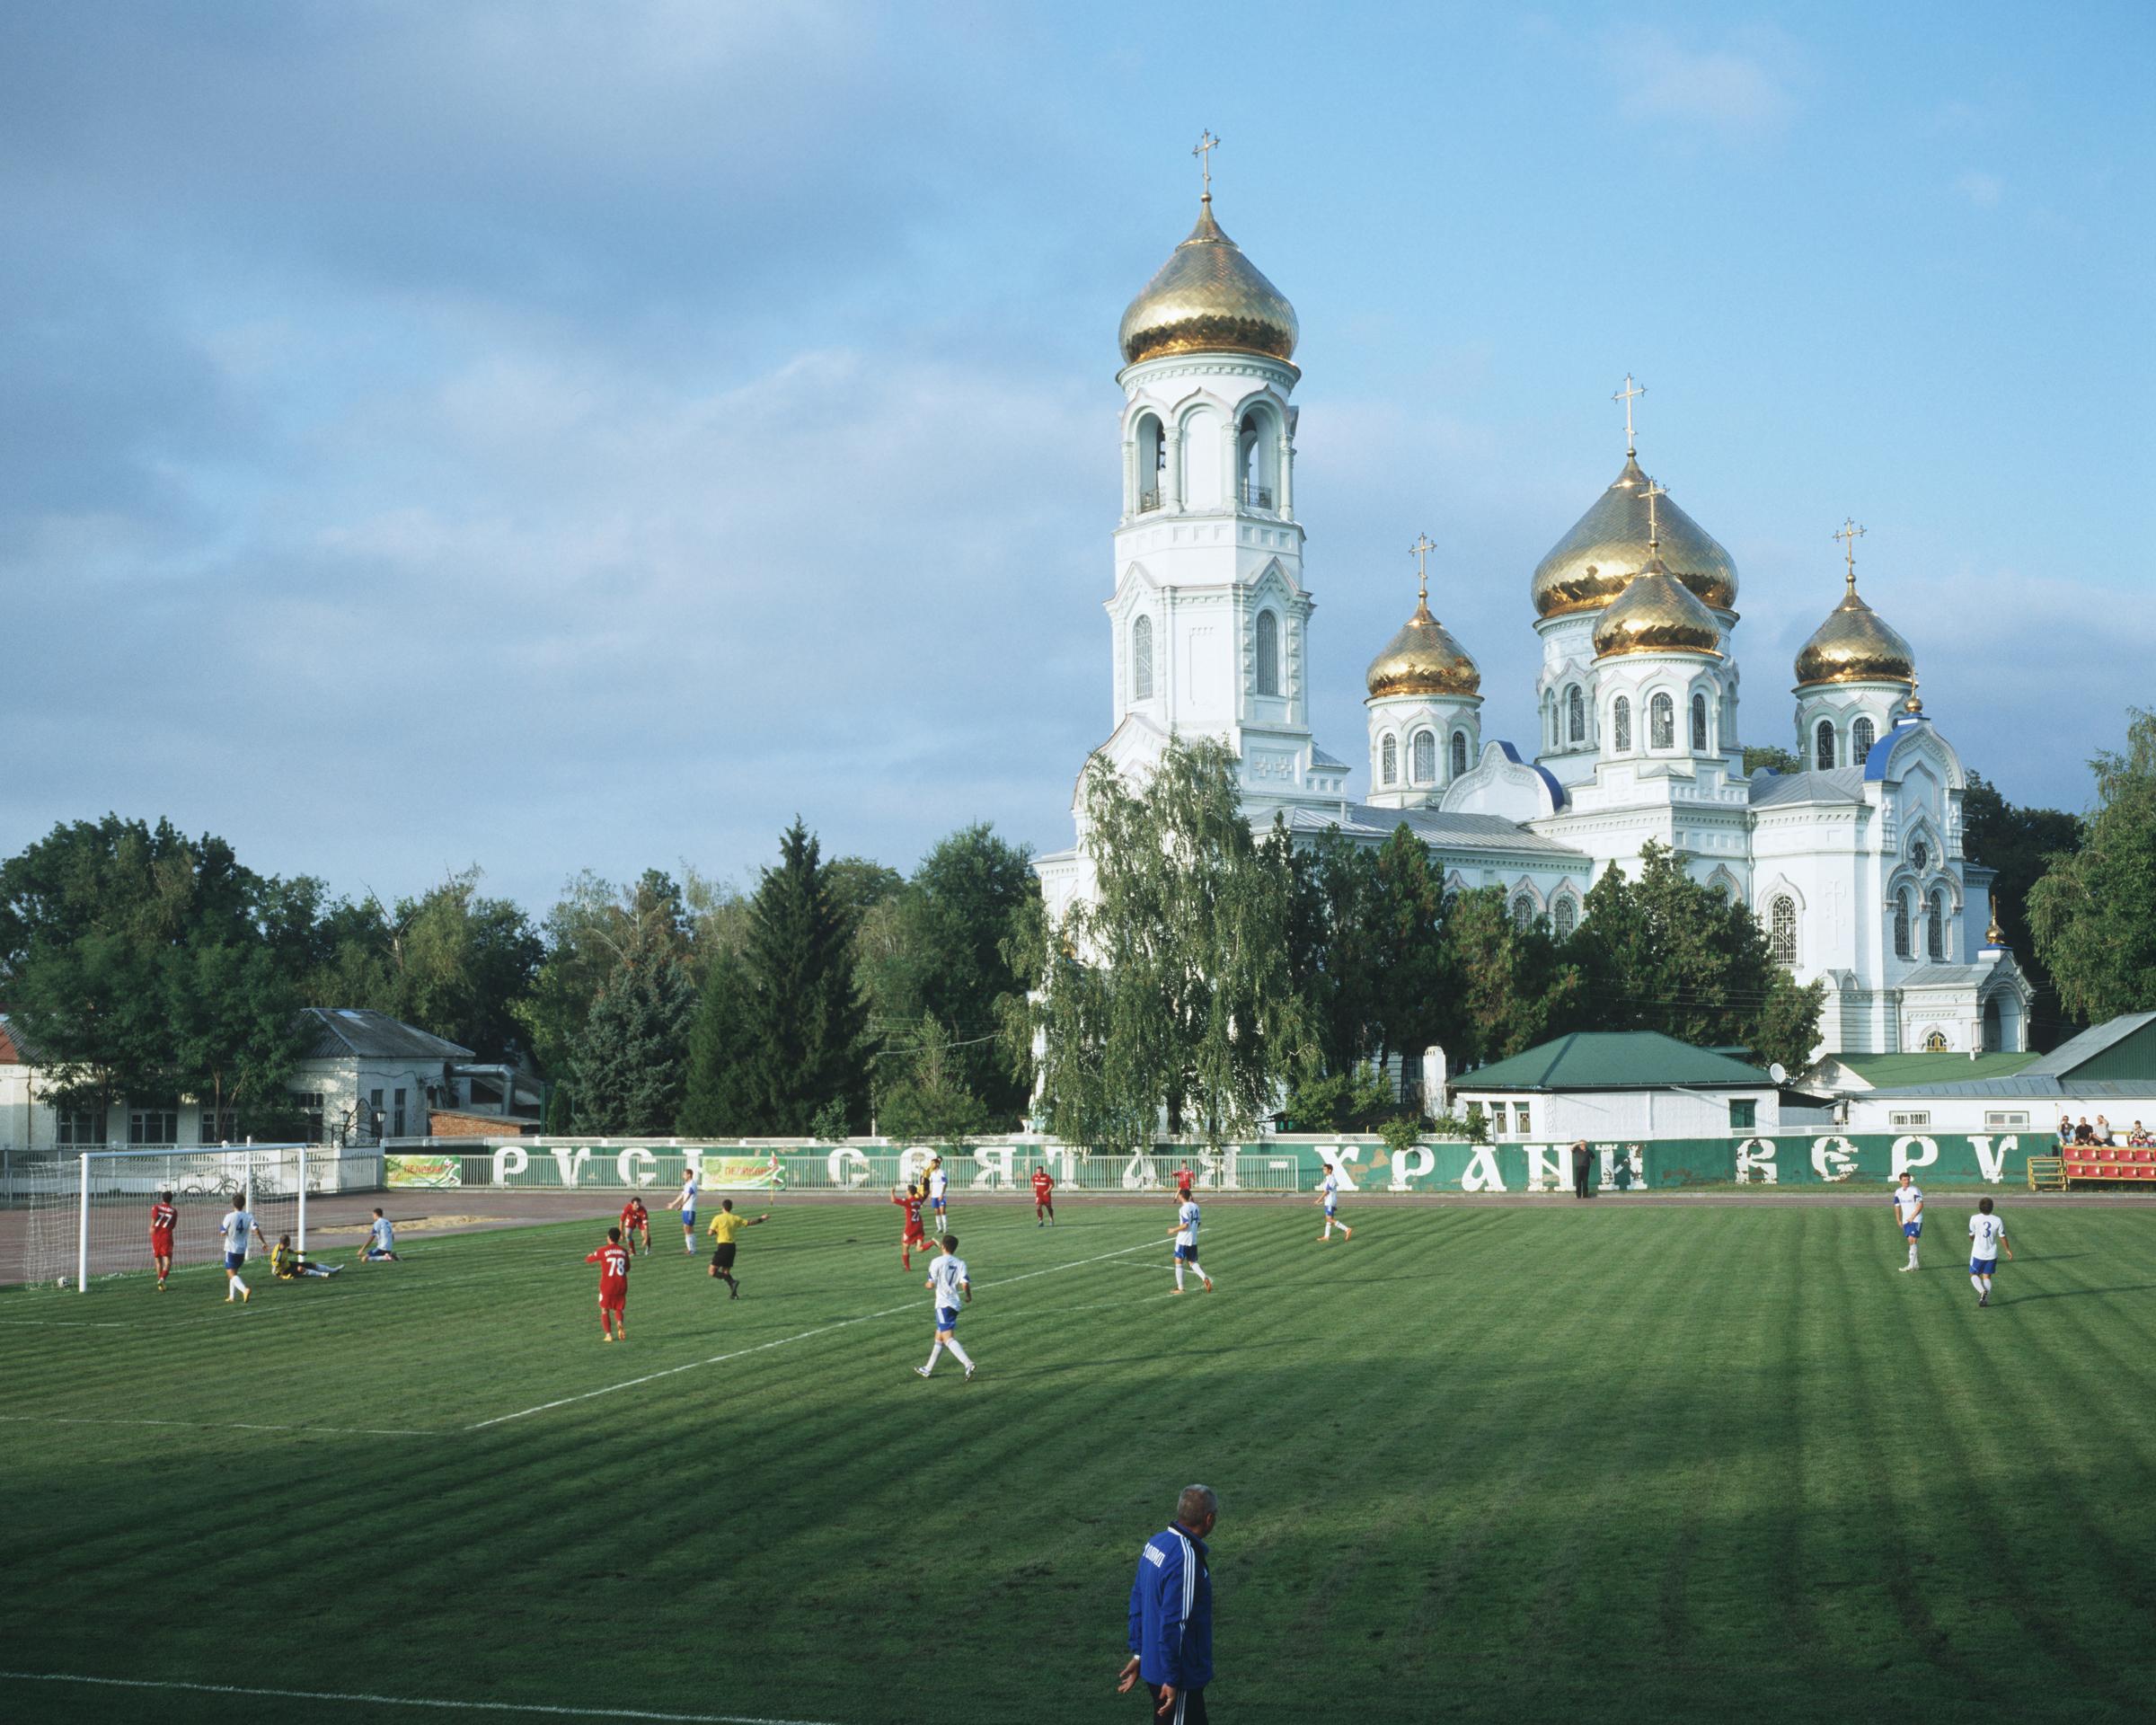 По данным FIFA, во всем мире в футбол играют более 265 млн человек. Из них 2,7 млн футболистов живут в России. Это около 1,8% от всего населения страны. Для сравнения: в Англии, где численность населения втрое ниже, в футбол играют 11,55 млн человек (из них около 3 млн — женщины). Это — 20,9% населения страны. В 200-миллионной Бразилии зарегистрировано 13,2 млн футболистов (не считая тех, кто играет в футбол для своего удовольствия с друзьями) — это 6,2% от населения страны